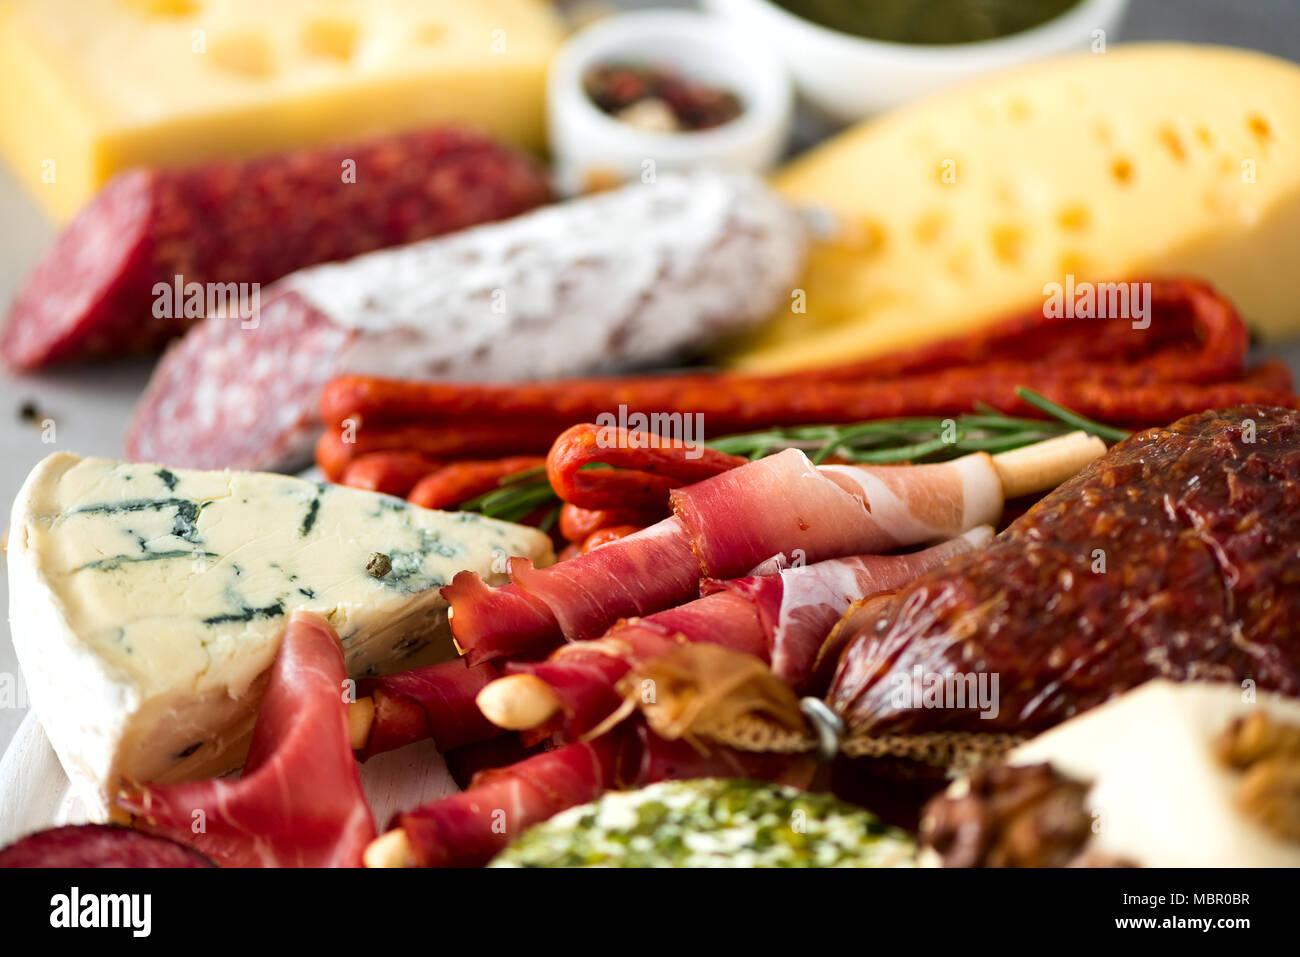 Kalt geräucherte Fleisch Platte. Traditionelle italienische Antipasti, Schneidbrett mit Salami, Schinken, Schinken, Schnitzel, Oliven auf grauem Hintergrund. Top Anzeigen, Kopieren, flach Stockbild